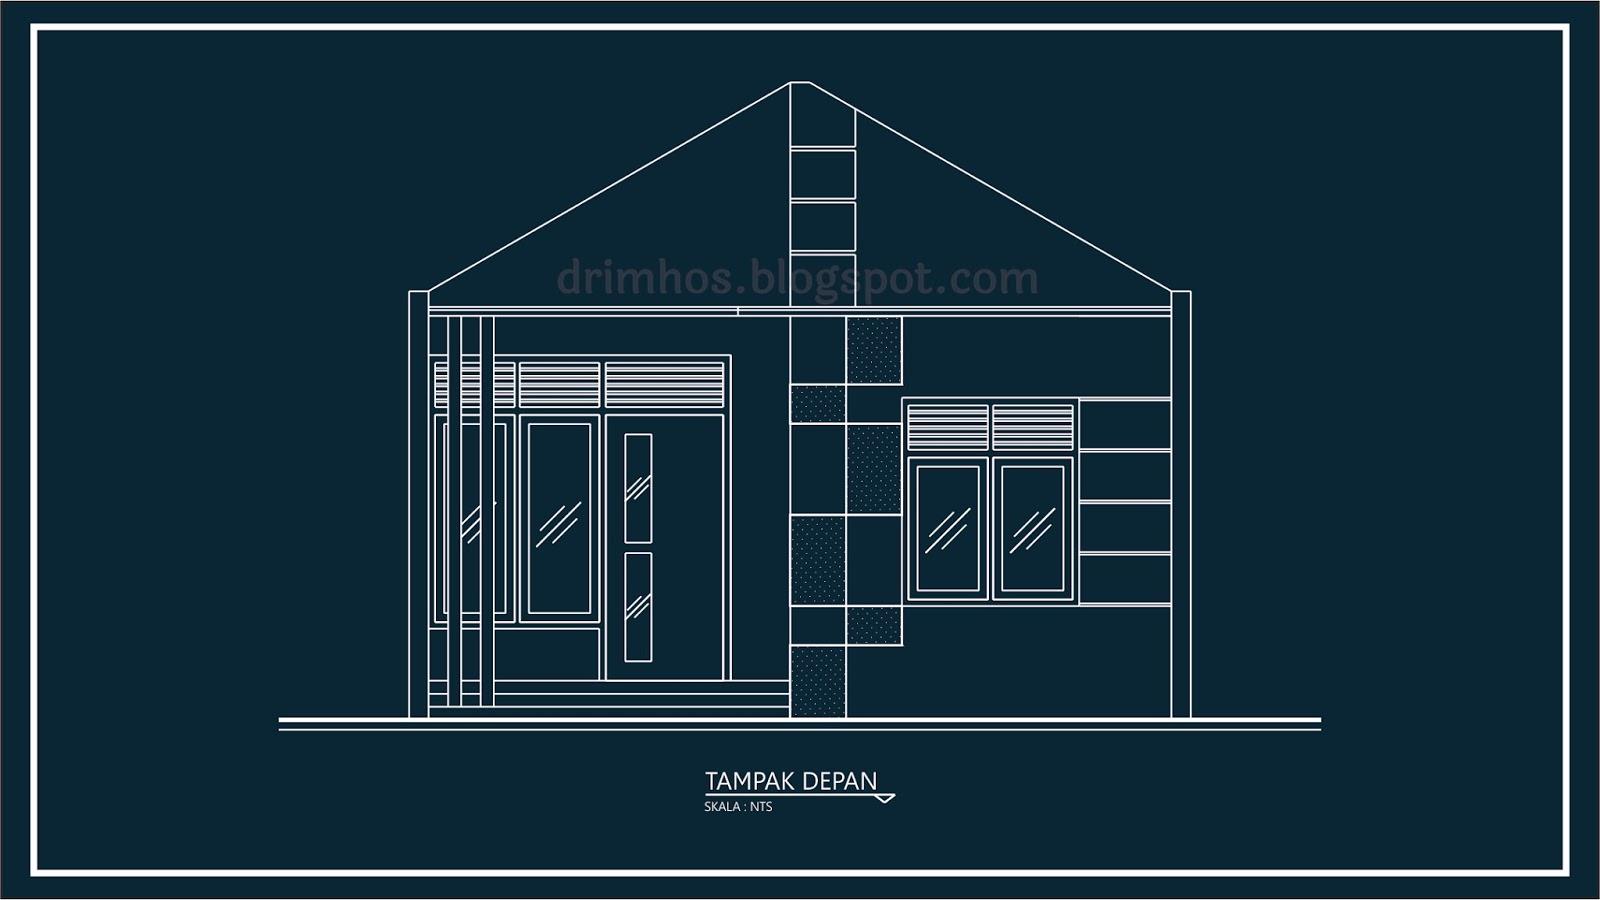 Denah Dan Tampak Depan Rumah Type 36 | Top Rumah